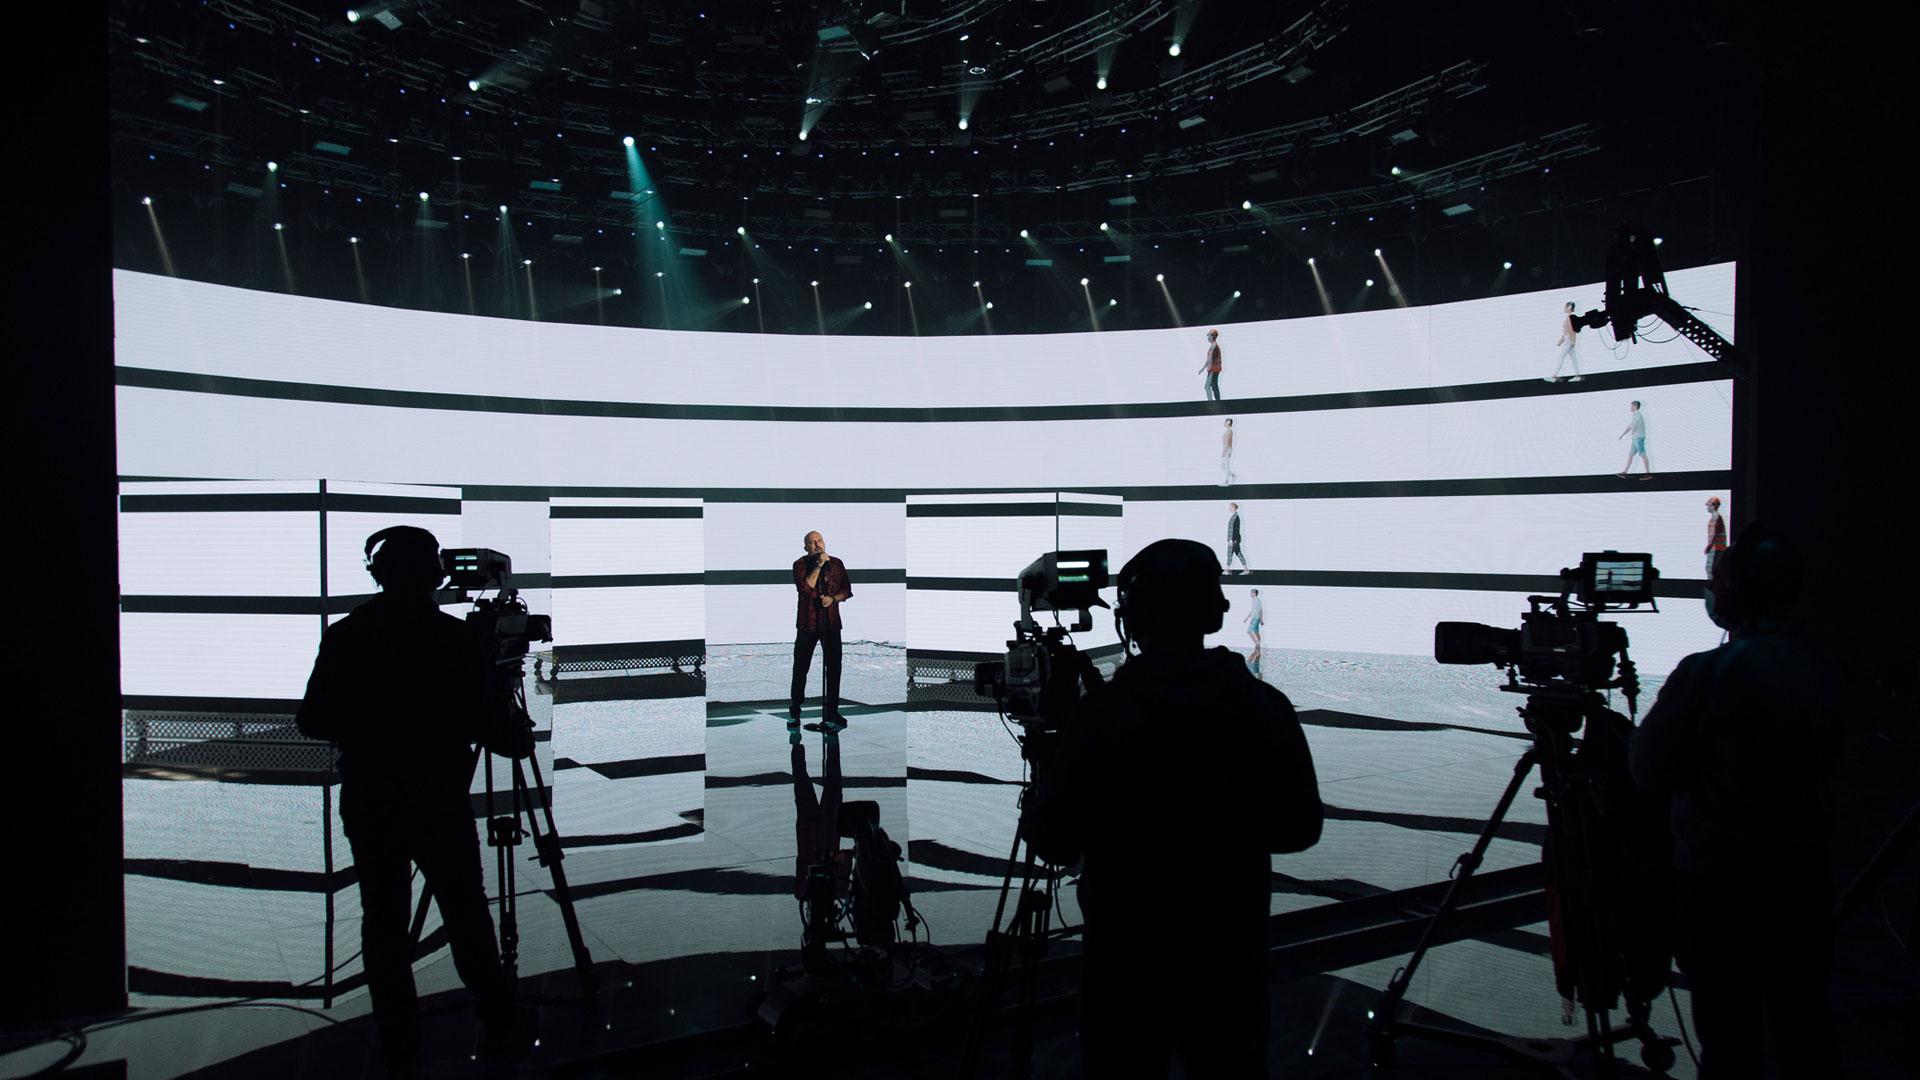 New professional studio space in Belgrade